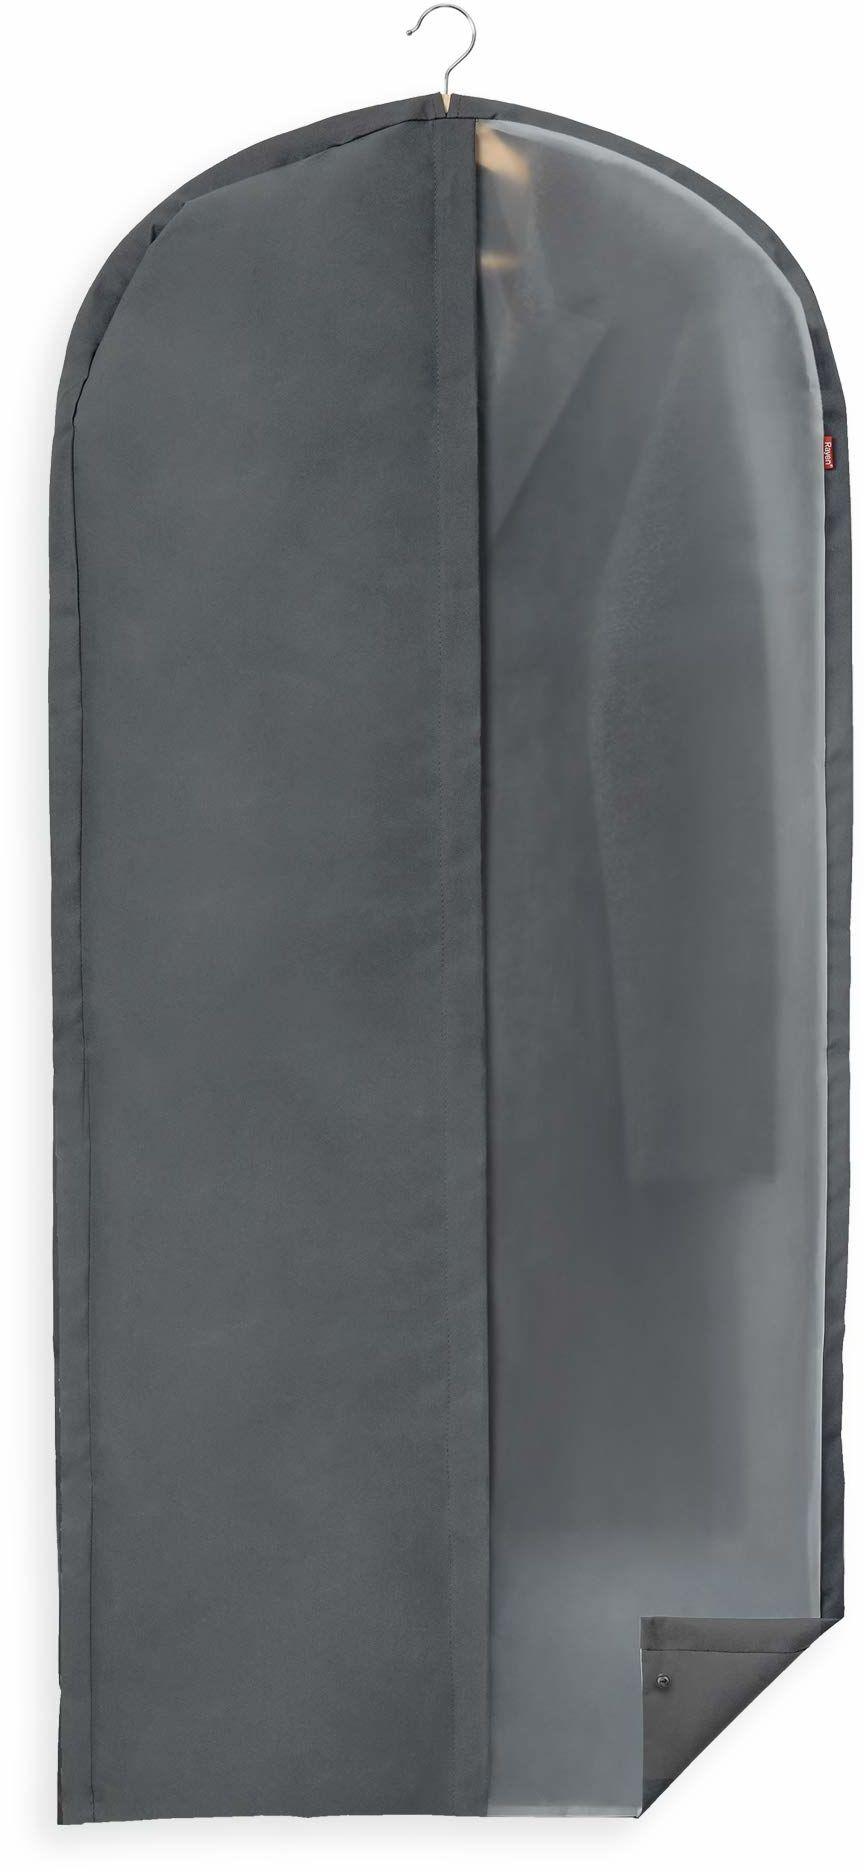 Rayen pokrowiec na ubrania M, ciemnoszary, 60 x 135 cm